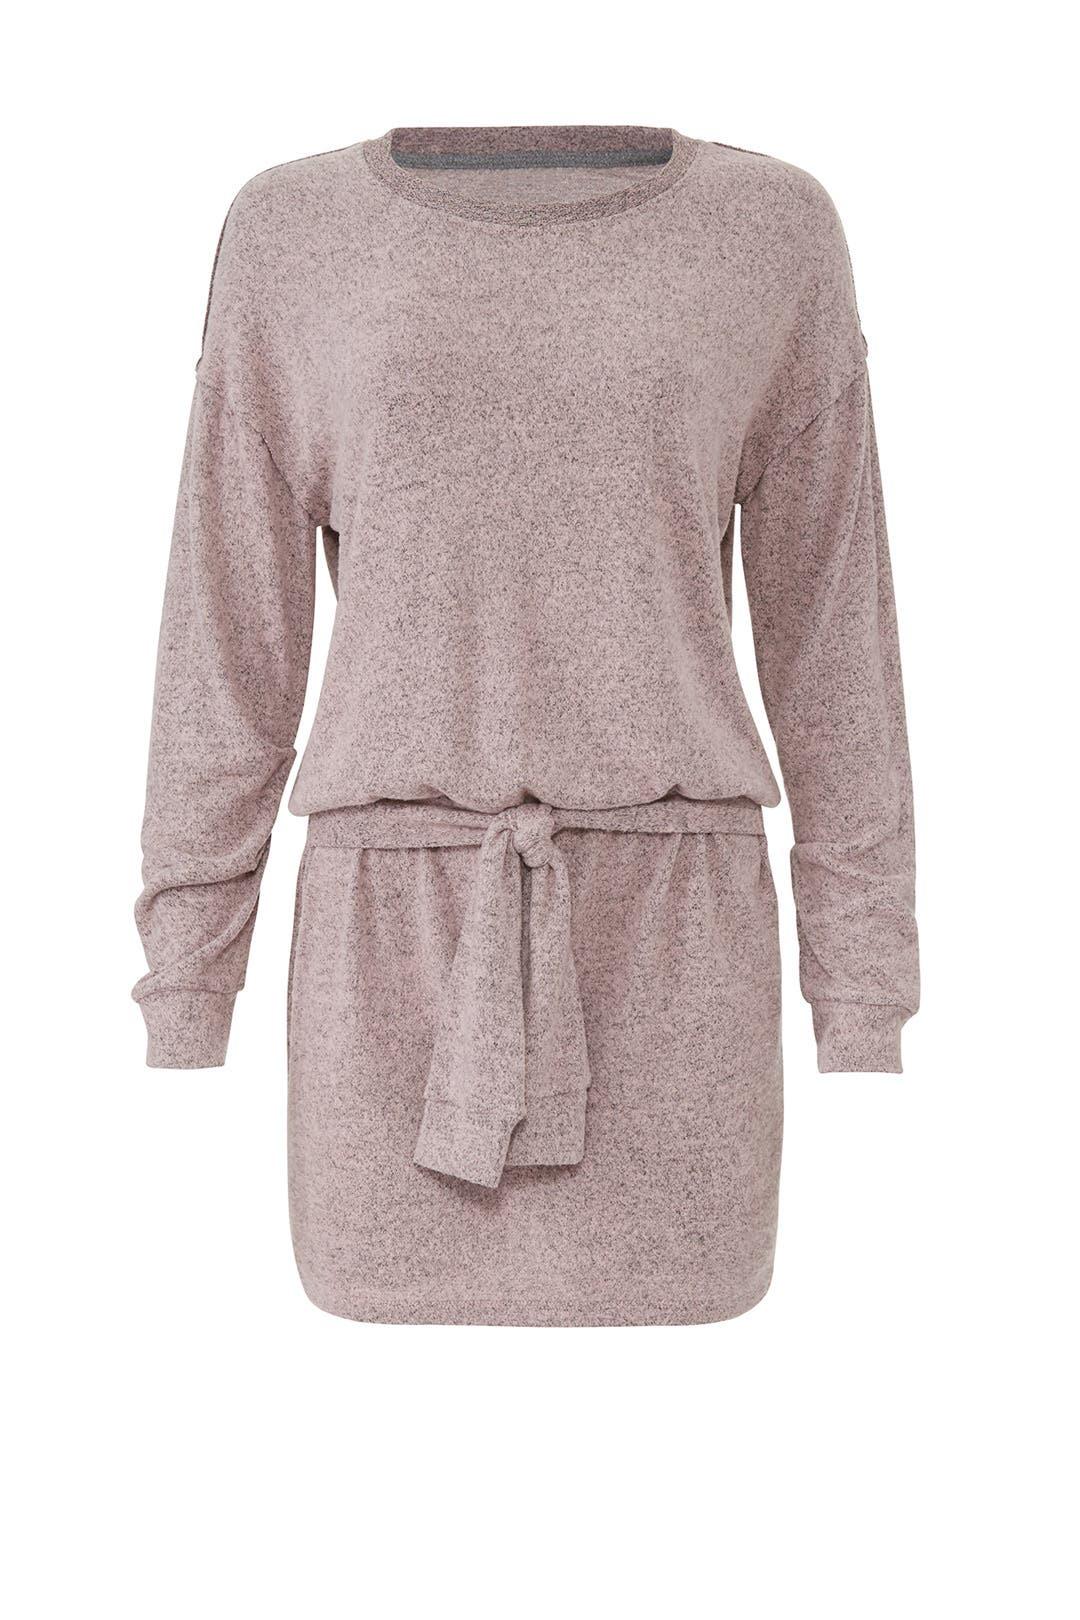 5315ffa93a8ba Addison Sweatshirt Dress by Splendid for $30 | Rent the Runway